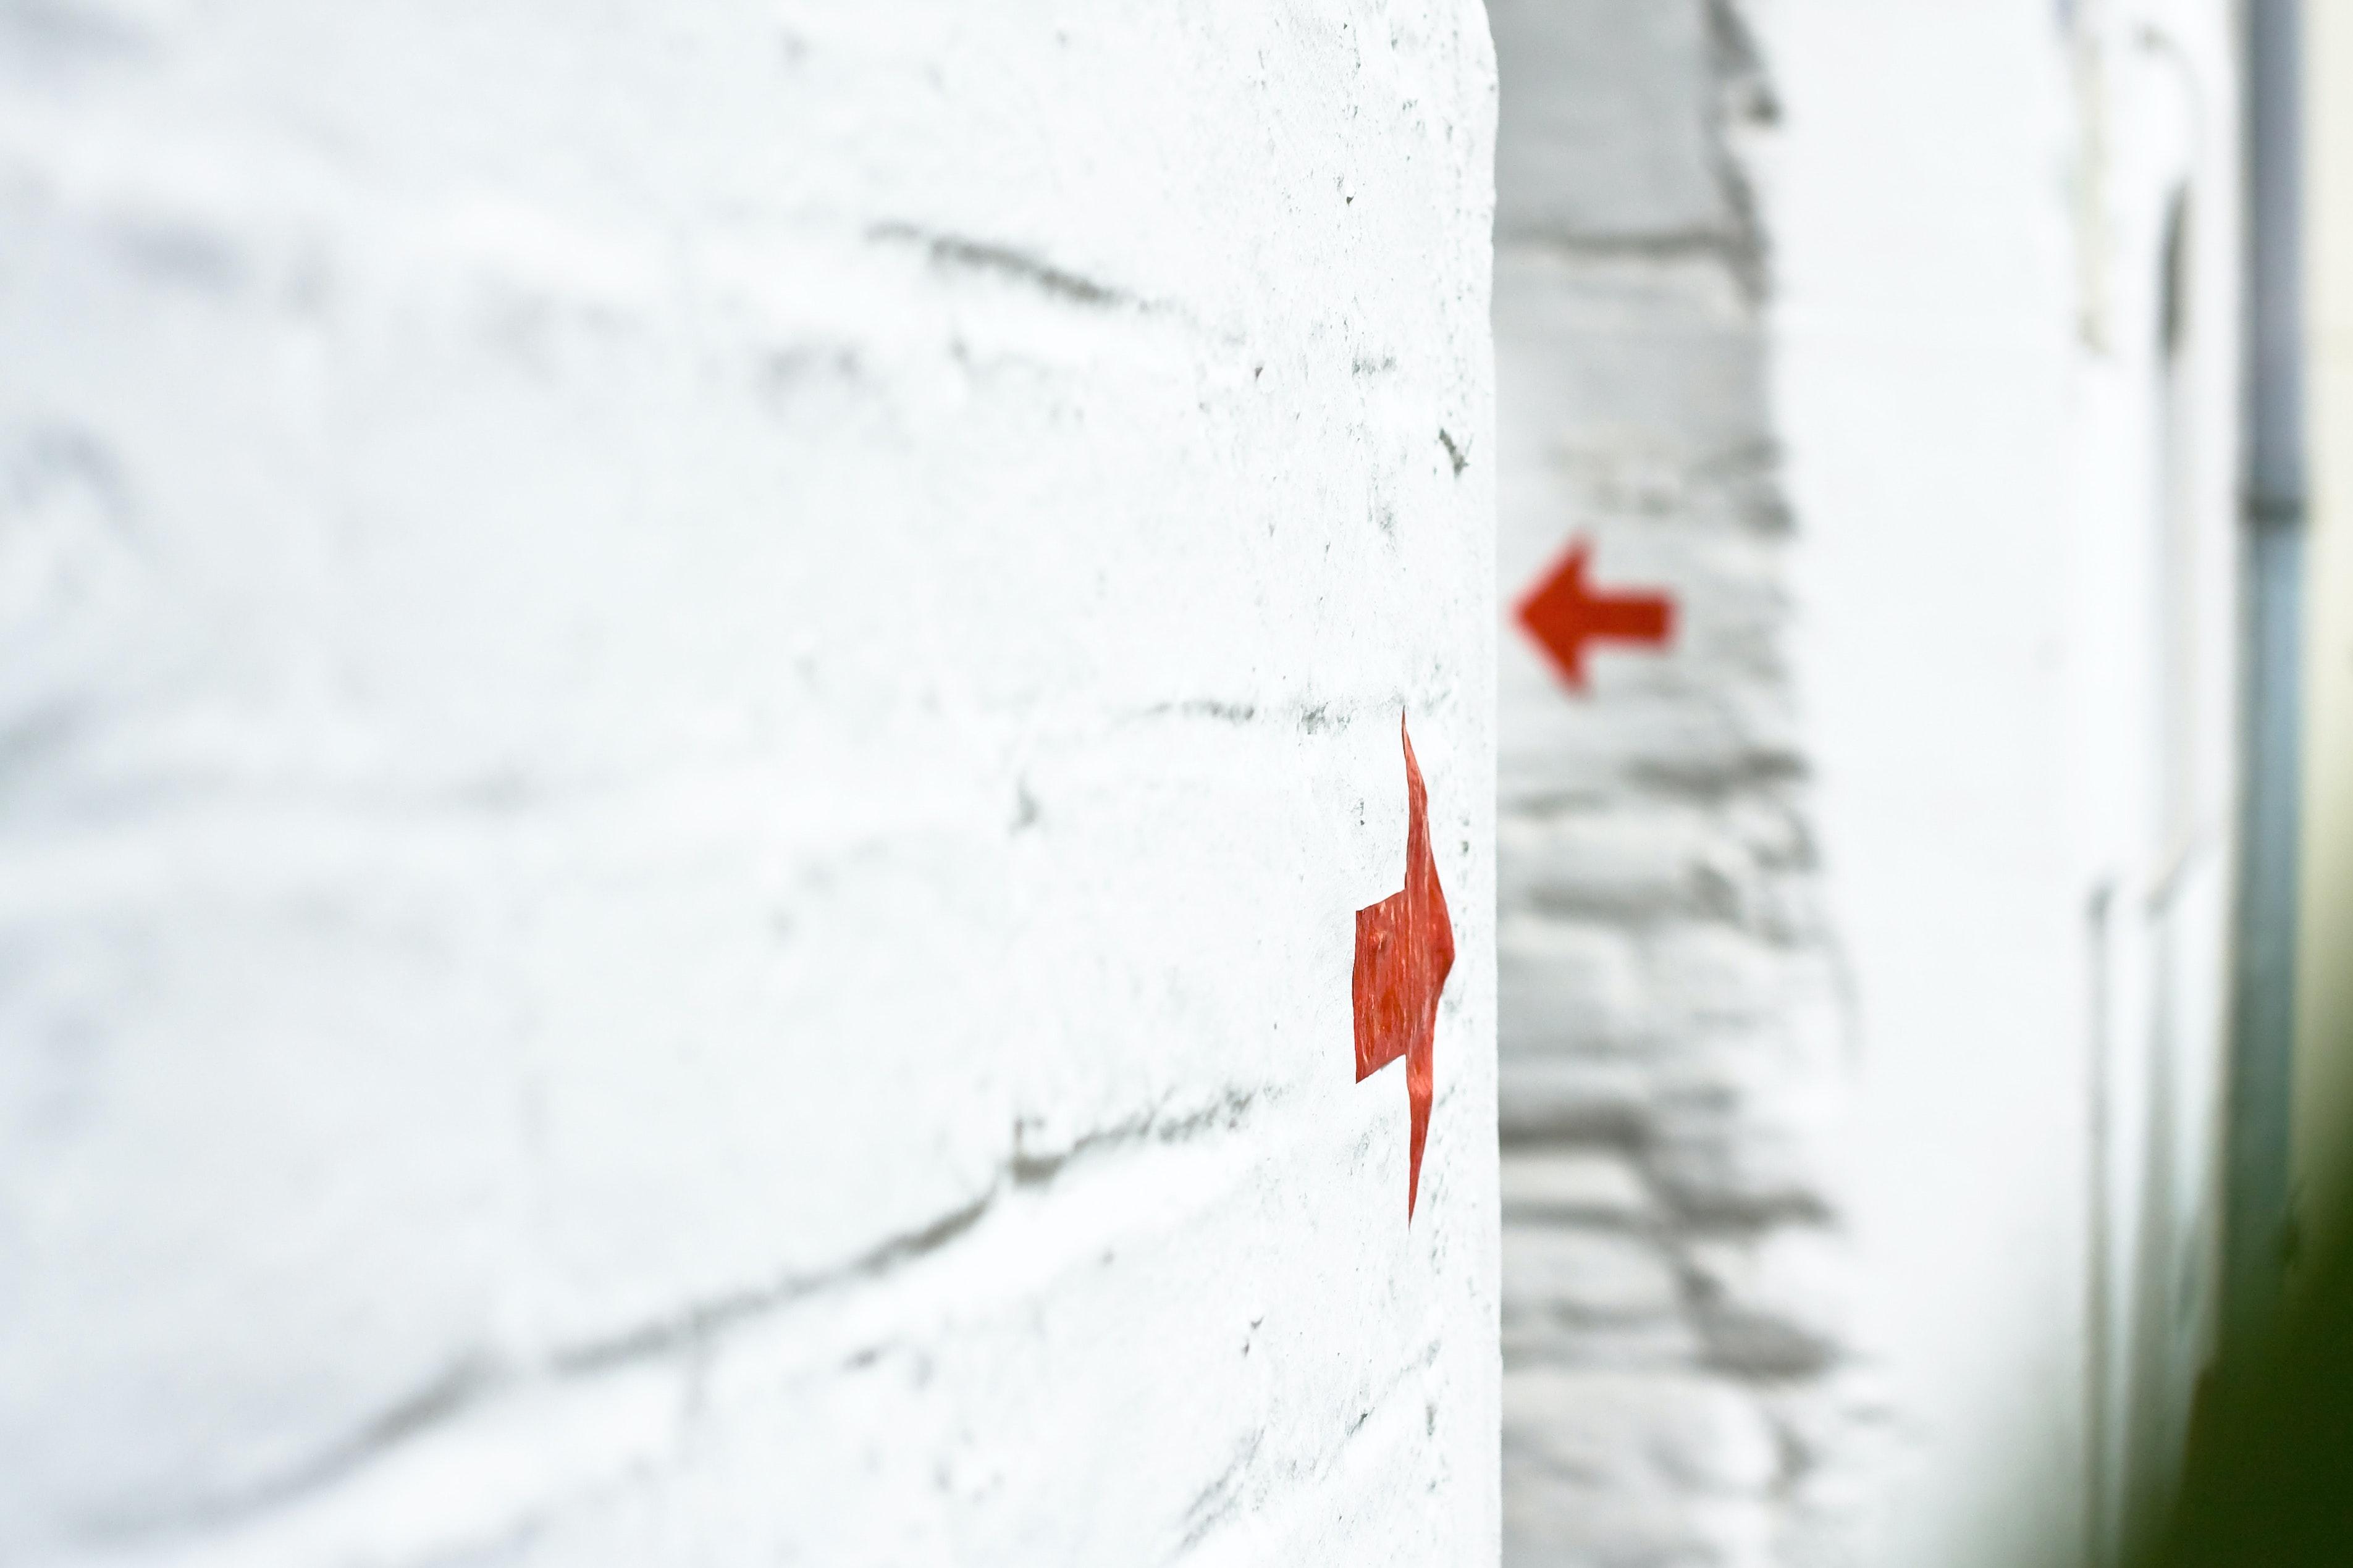 Wand pfeil symbolbild geschaeftsfuehrung gehalt.7a31c5bb7720fccdb05629e2e5310ebc6